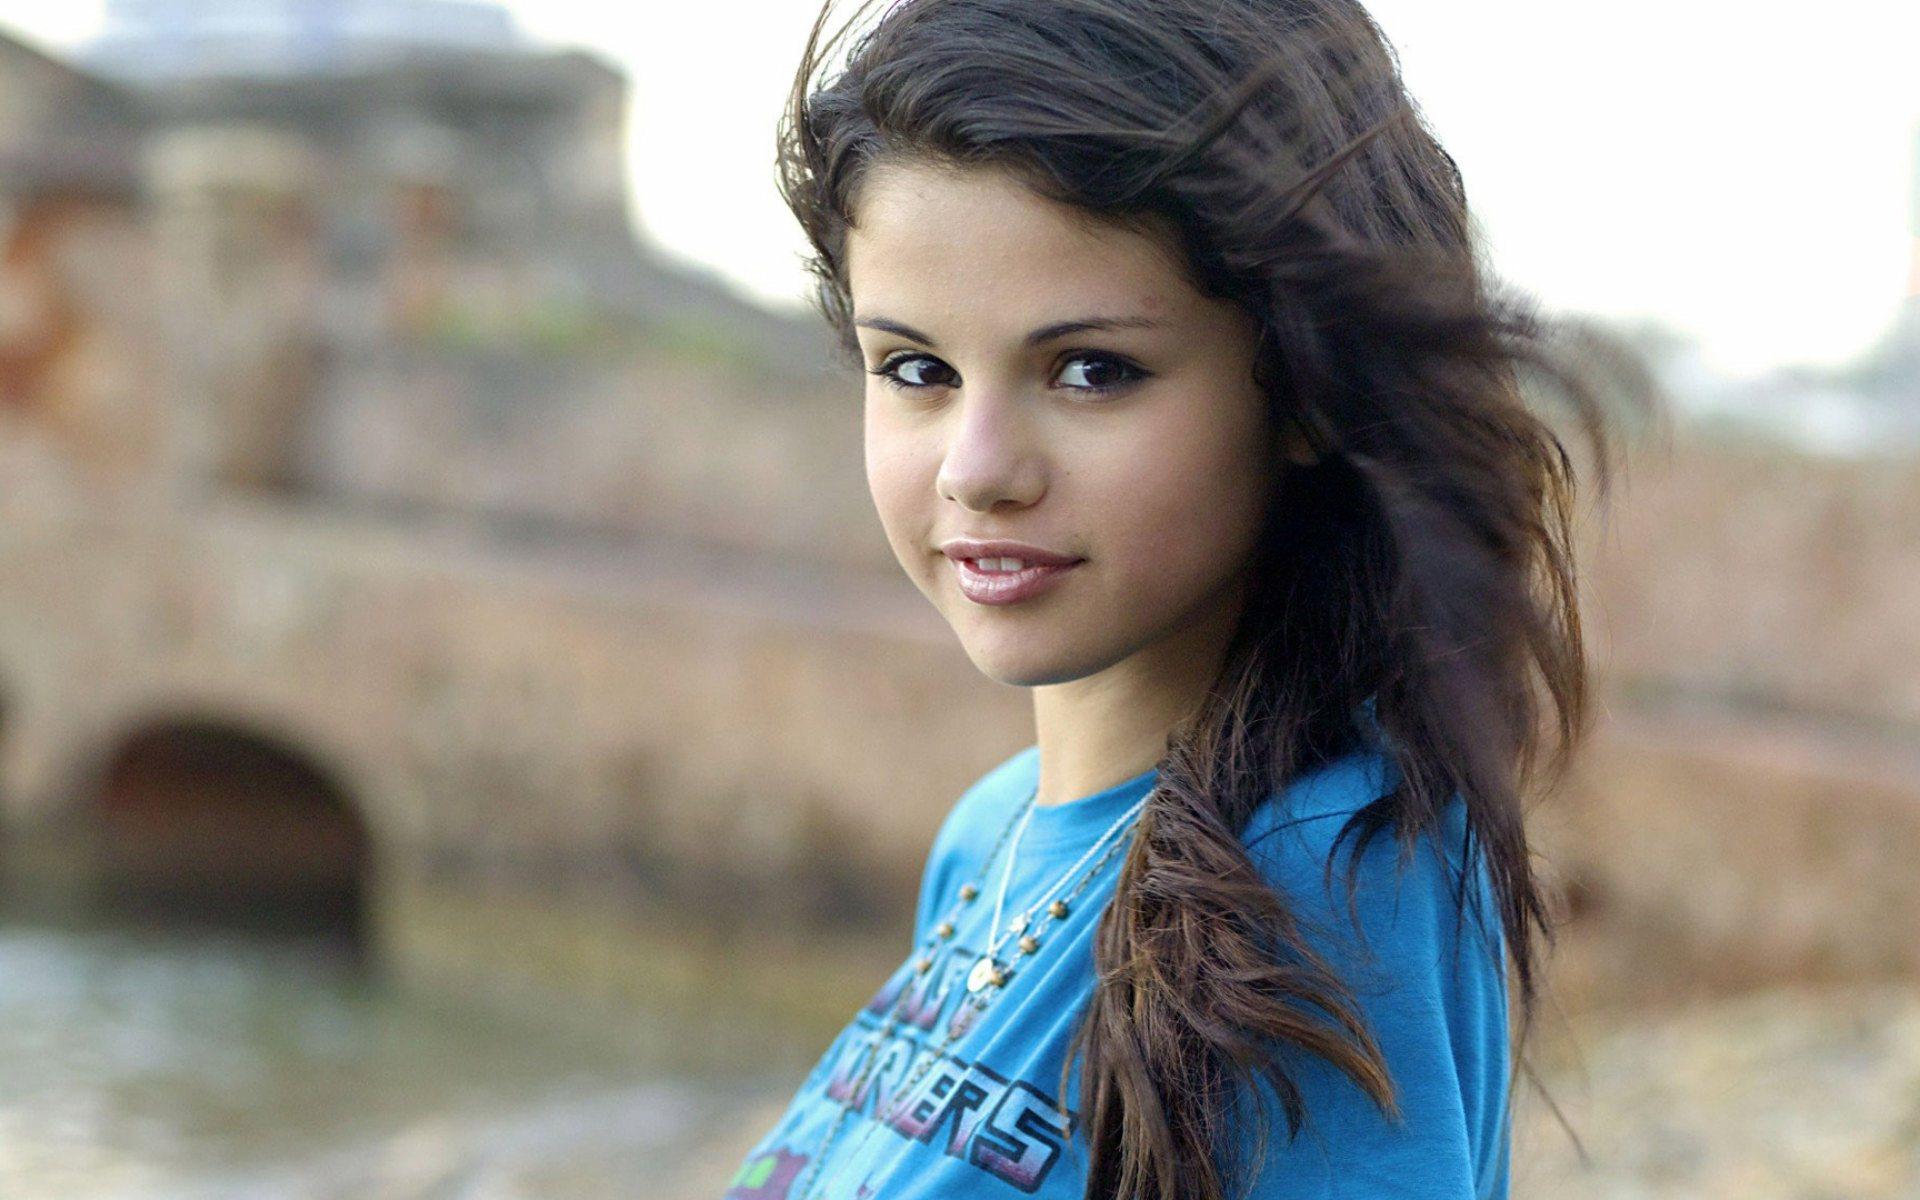 Selena Gomez Американская актриса кино телевидения и озвучивания певица автор песен